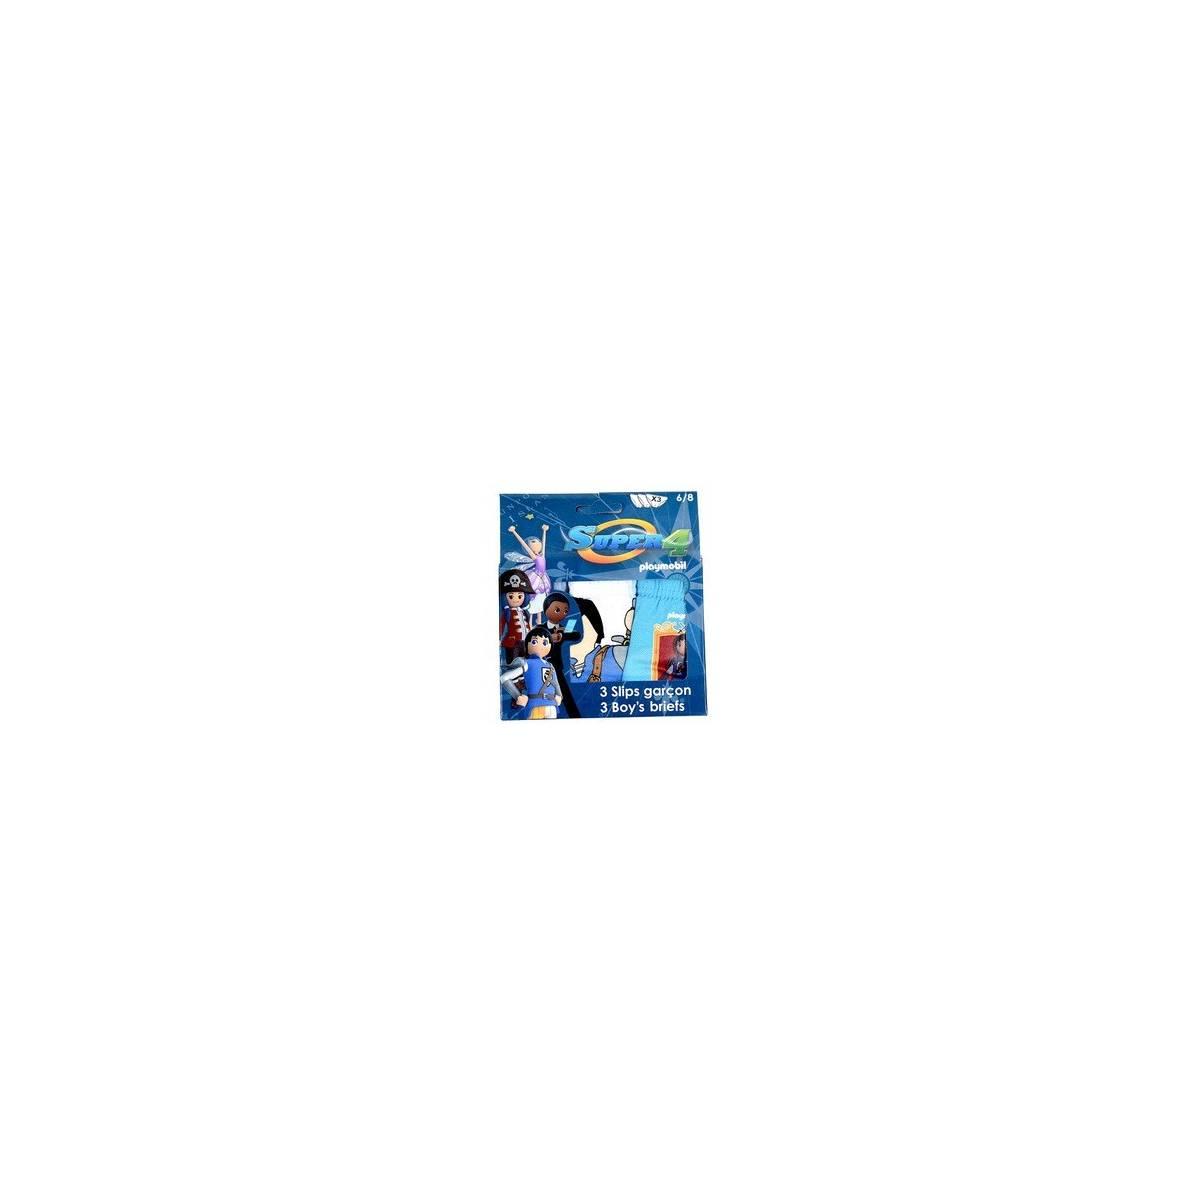 Playmobil - Super 4 - Lot de 3 slips de 2 à 8 ans